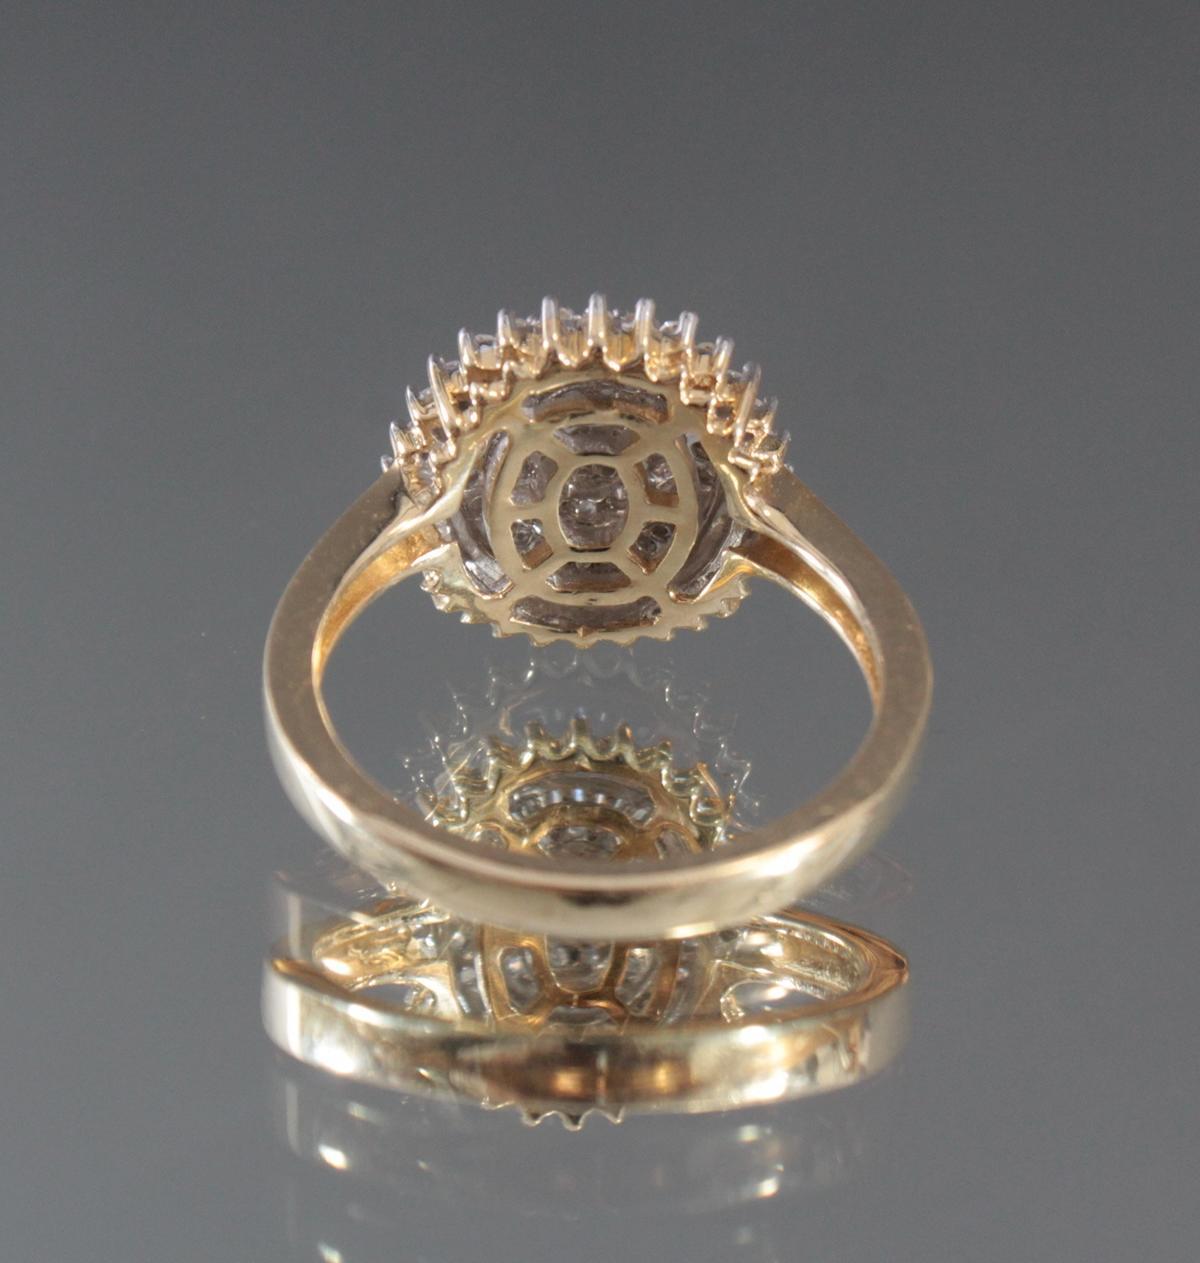 Damenring mit Diamanten aus 14 Karat Weiß- und Gelbgold-4